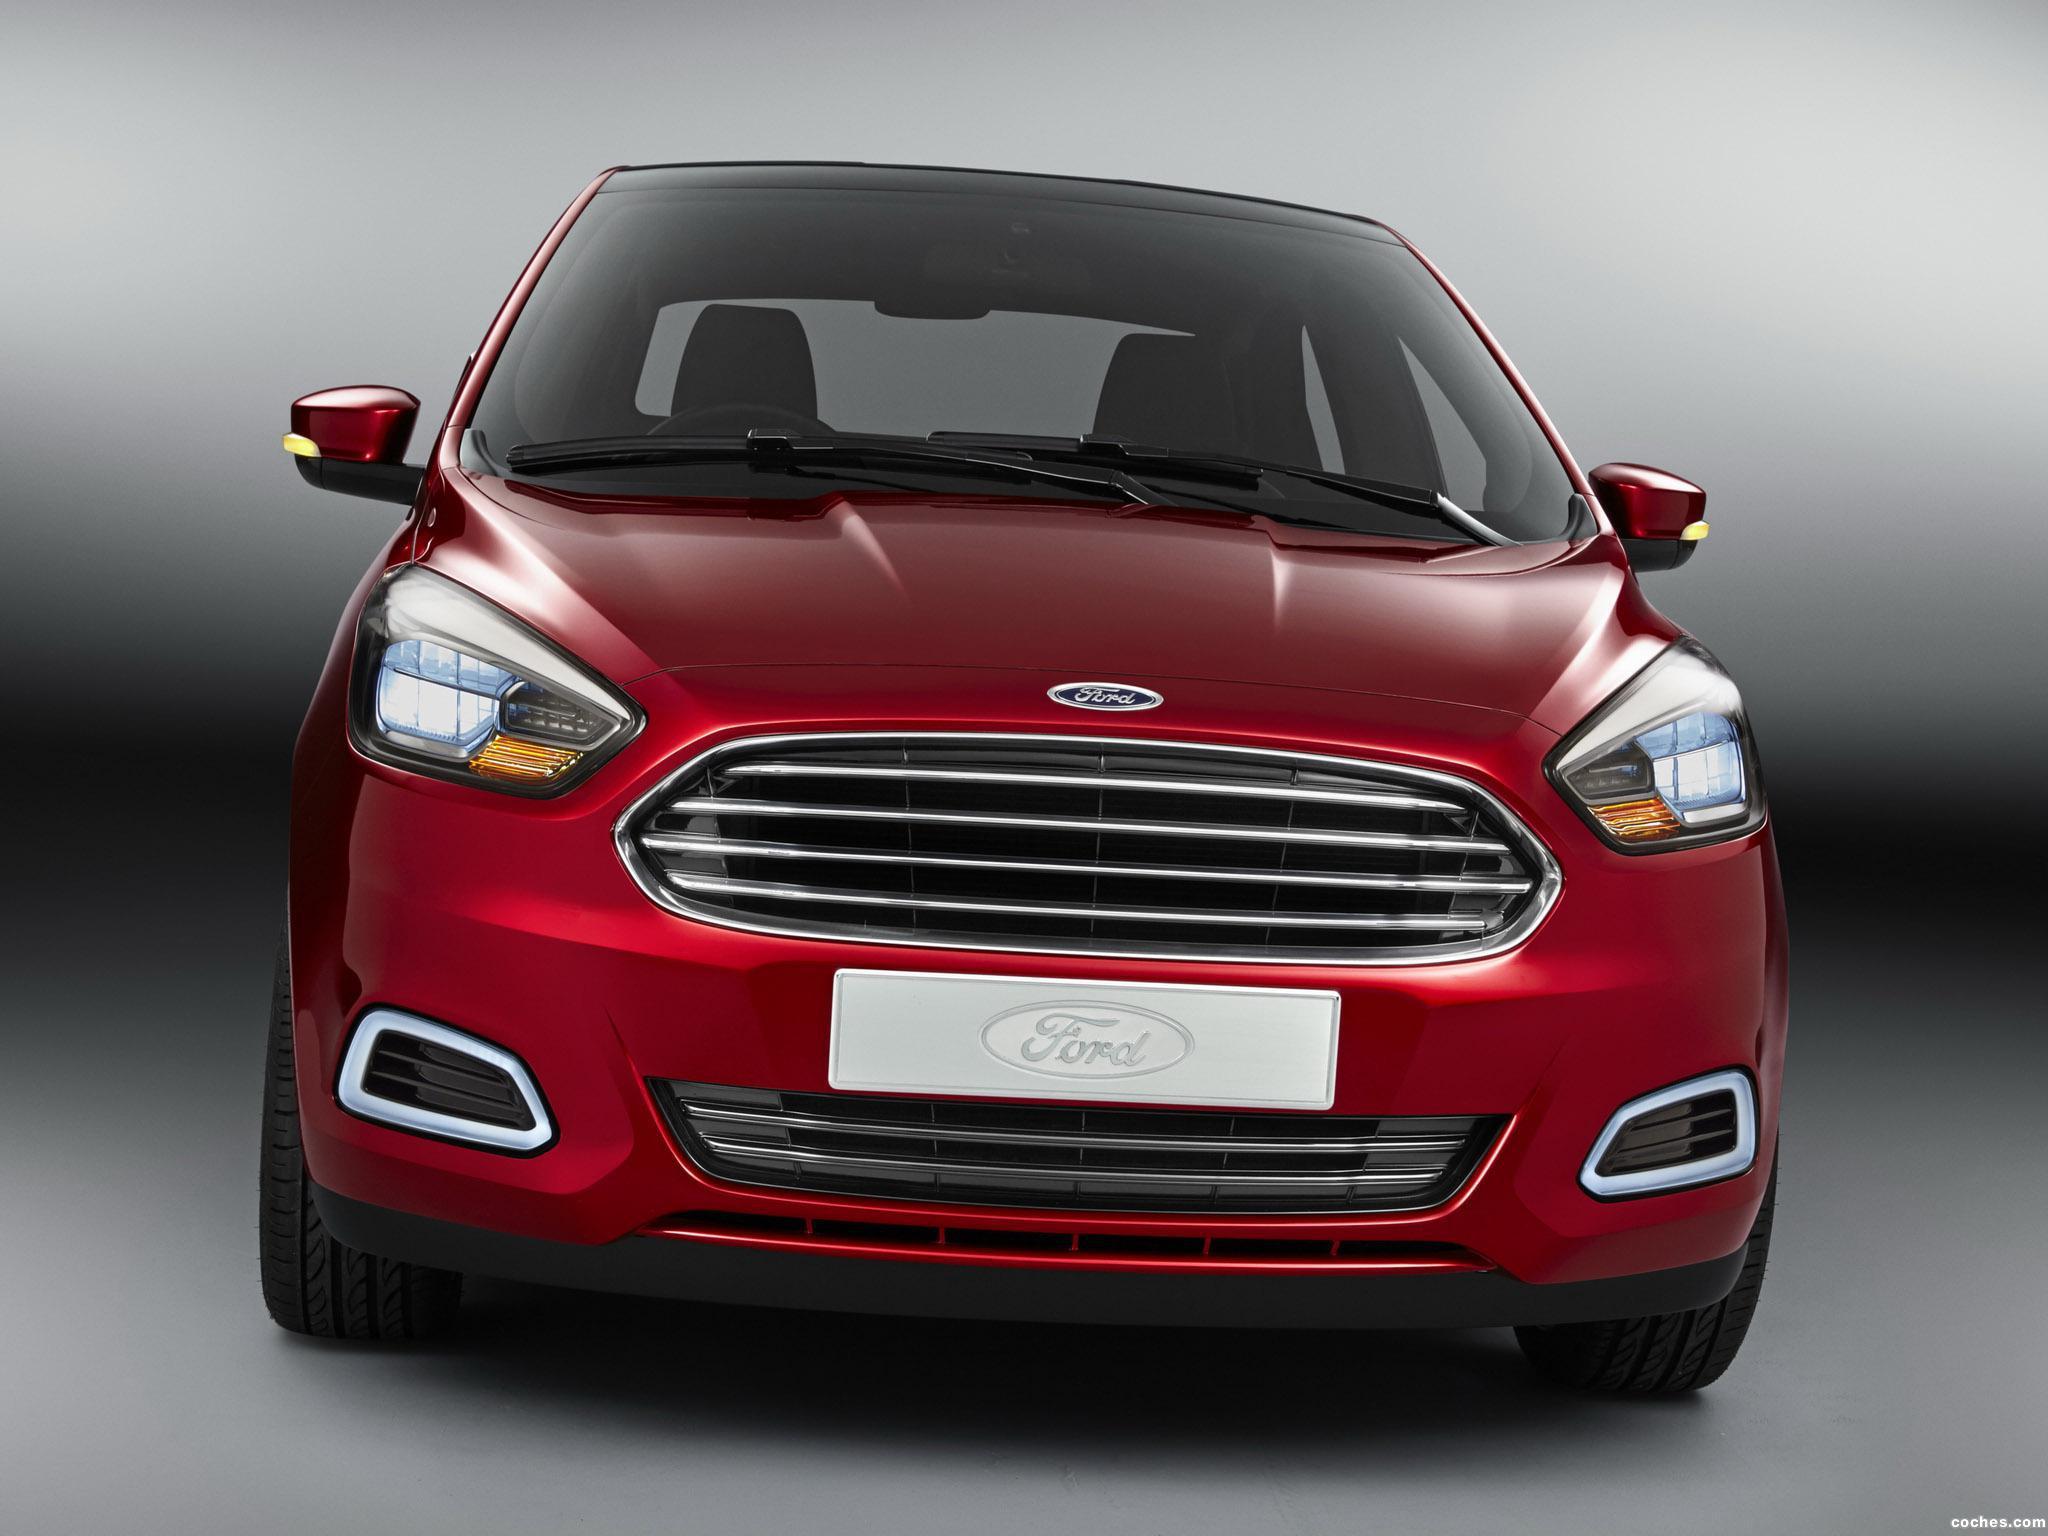 Foto 0 de Ford Figo Concept 2014